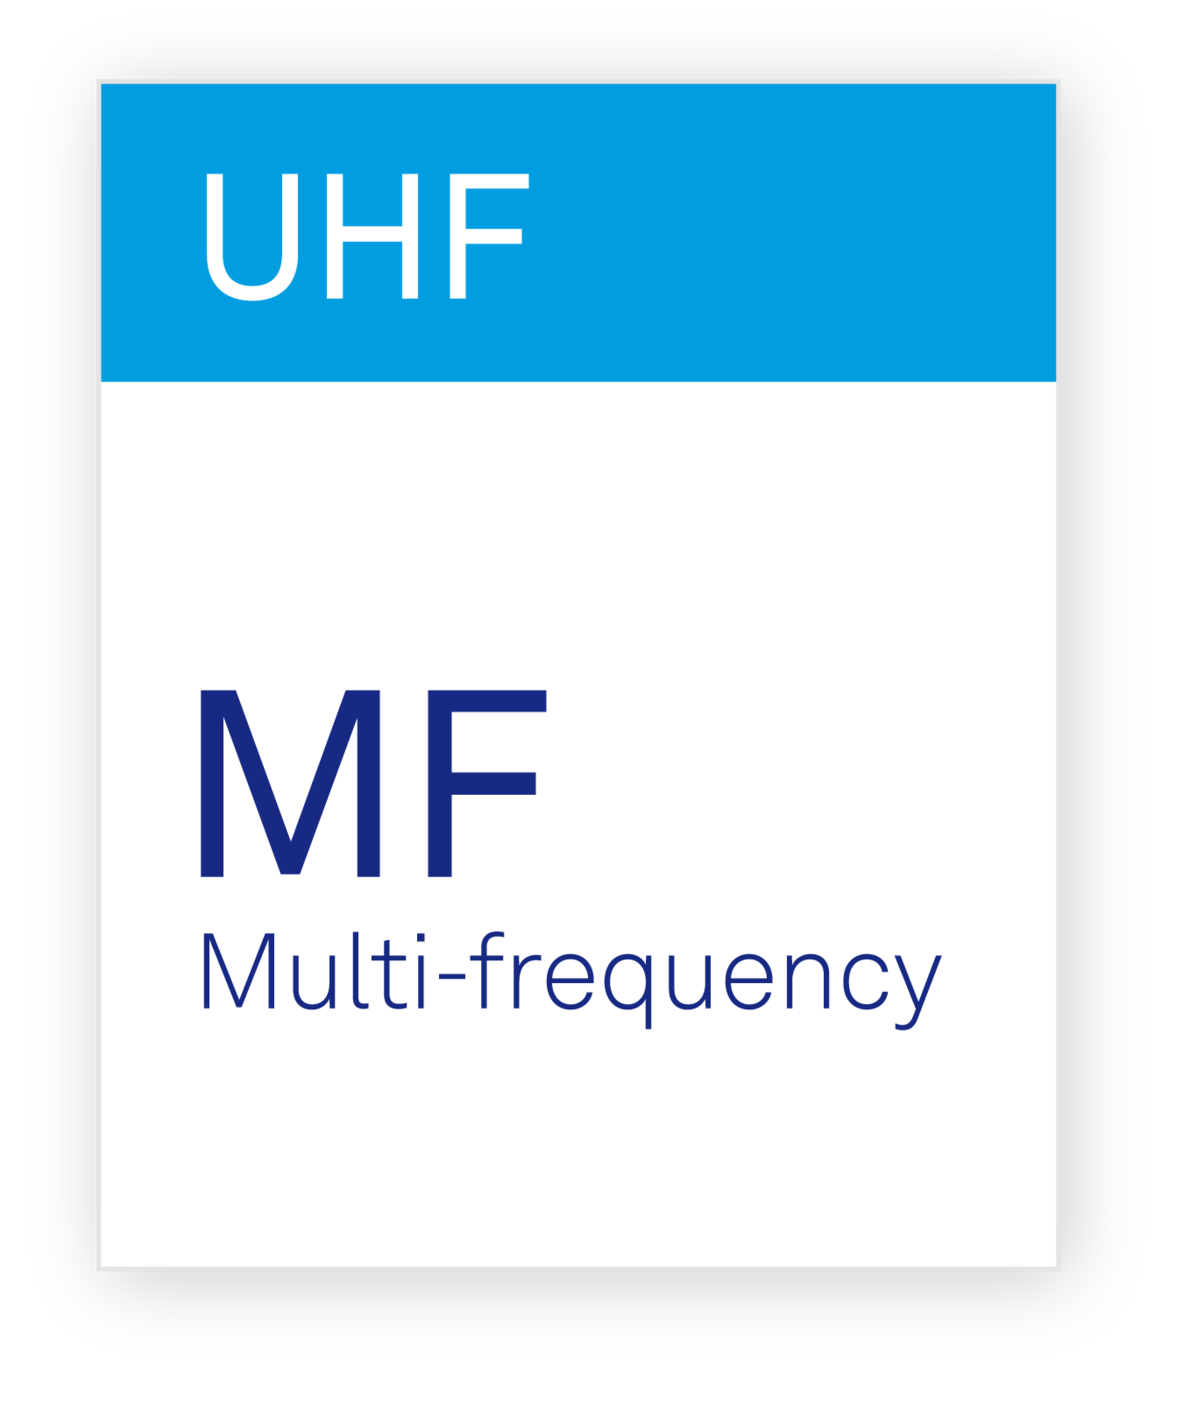 Zurich Instruments UHF-MF Multi-frequency